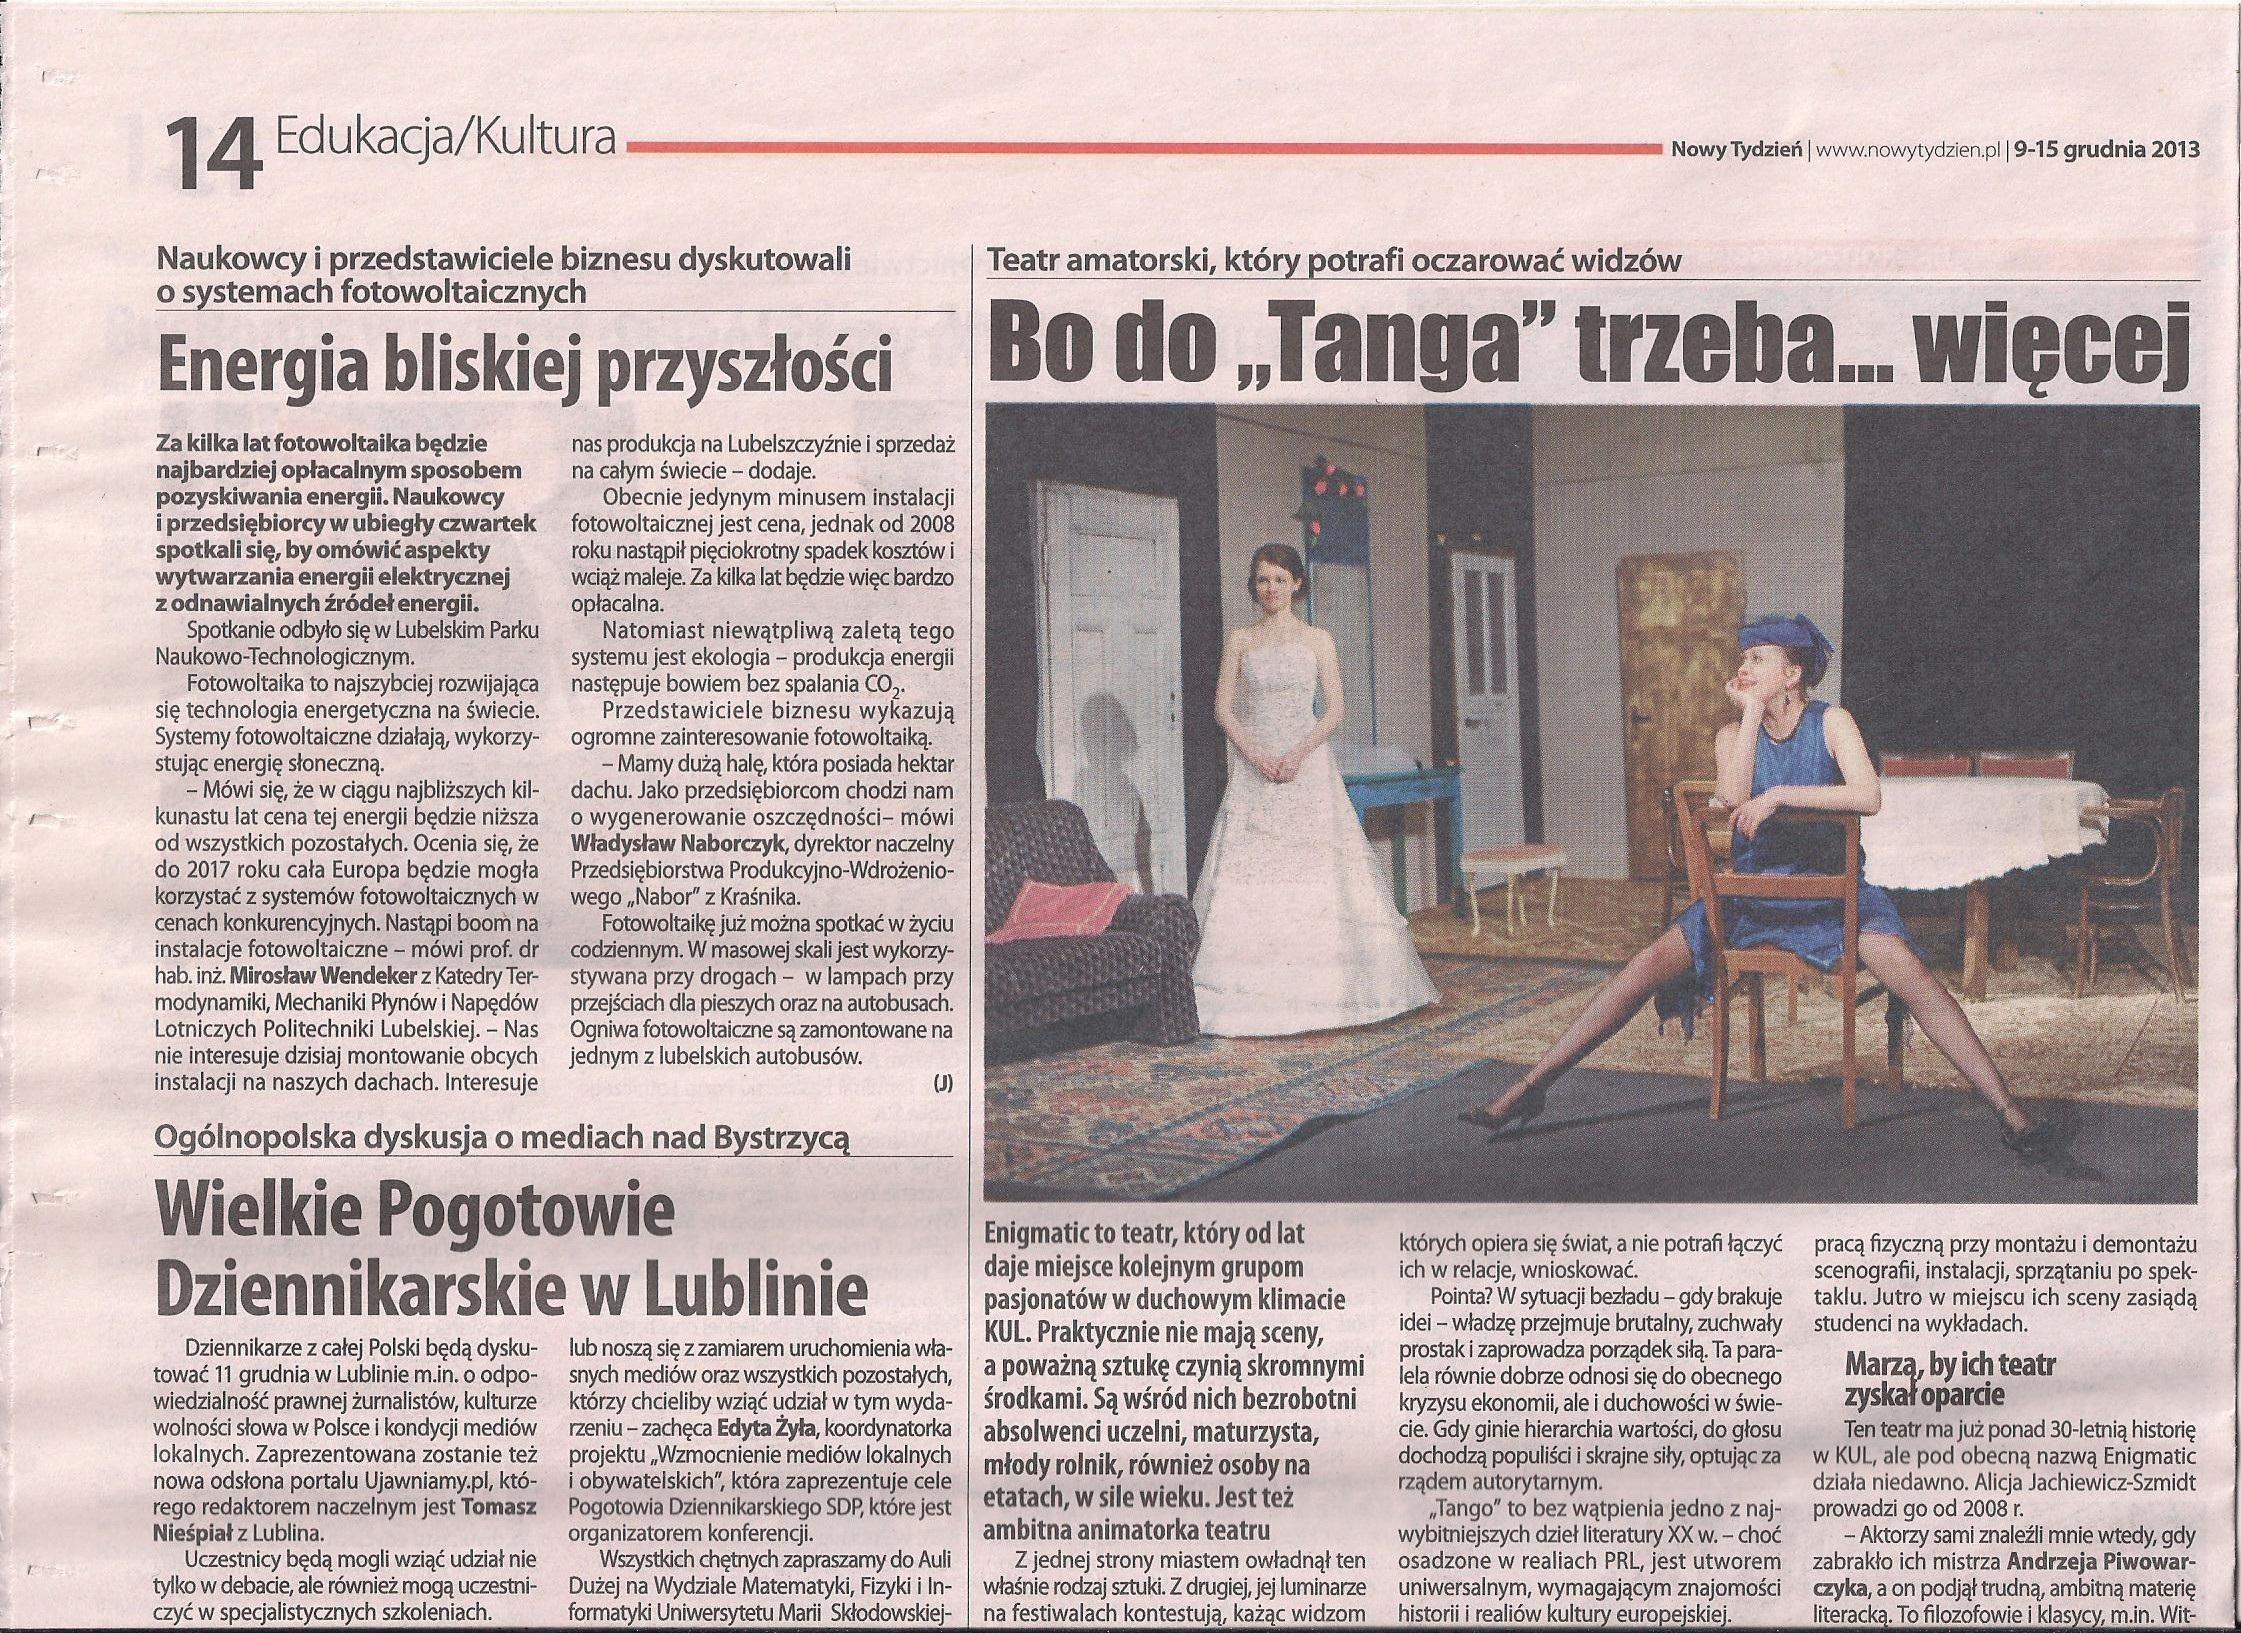 """TEATR AMATORSKI, KTÓRY POTRAFI OCZAROWAĆ WIDZÓW - """"NOWY TYDZIEŃ"""" 9-15 GRUDNIA 2013"""